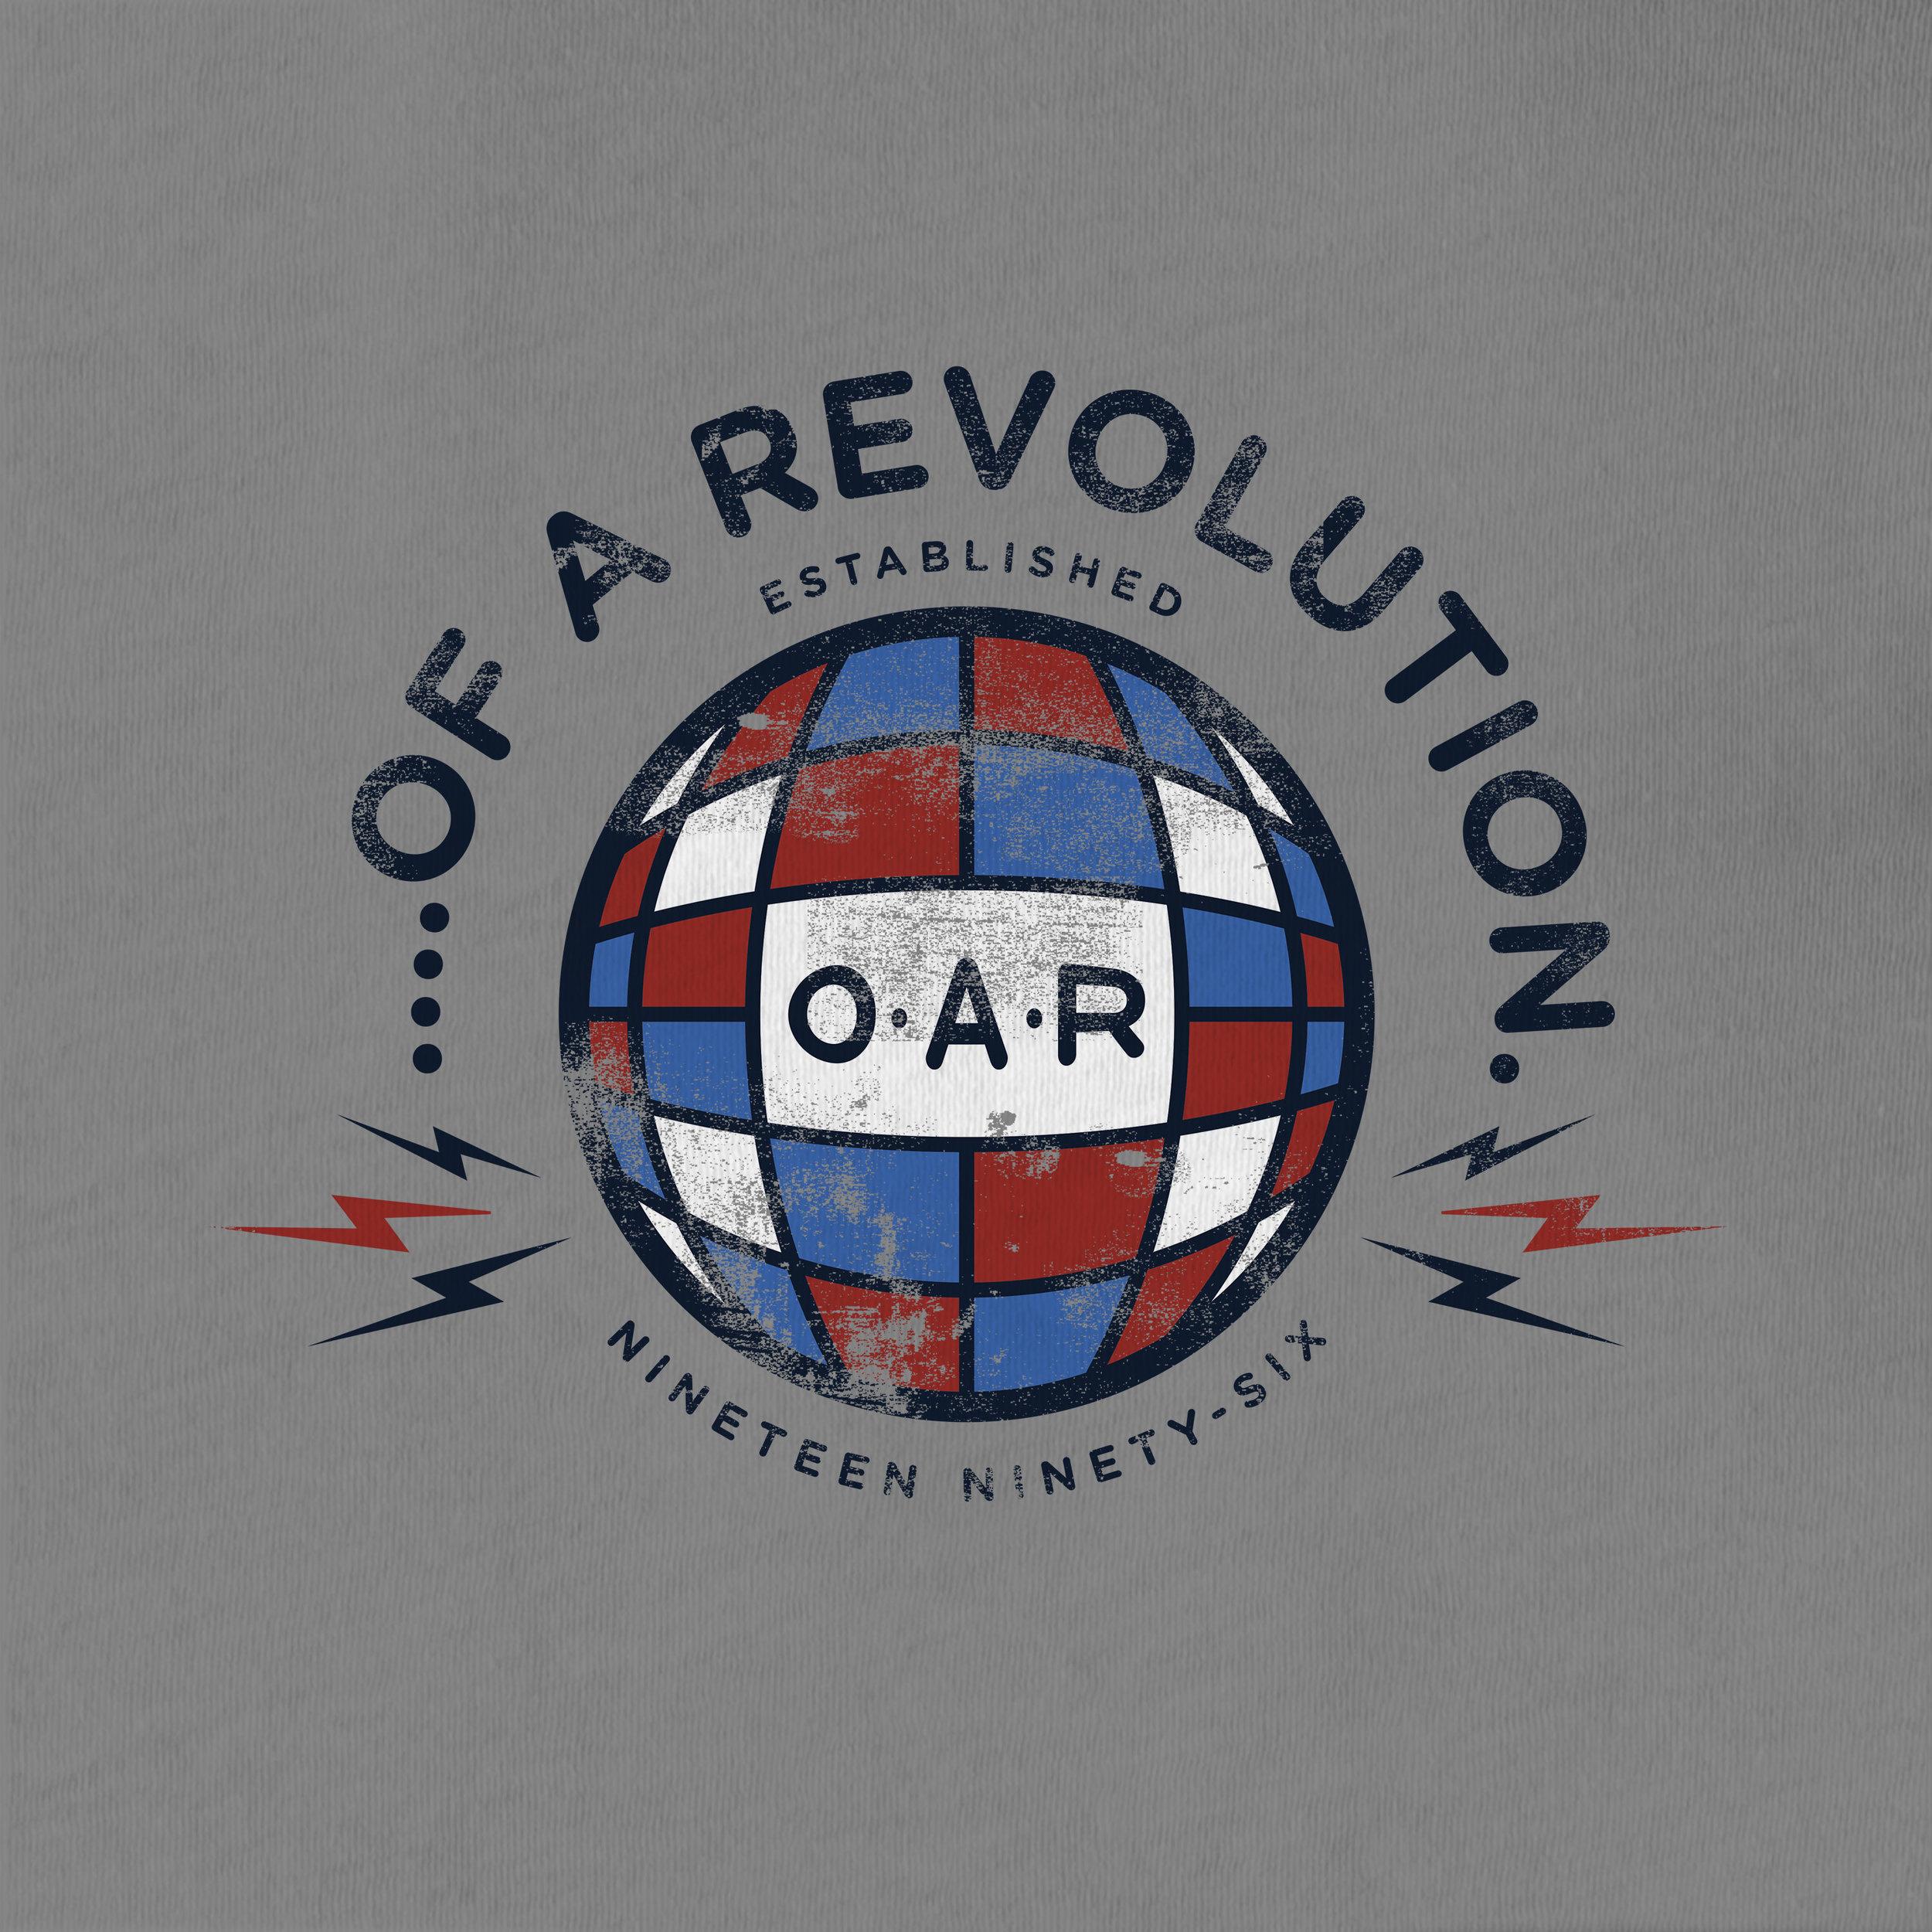 oar-established.jpg